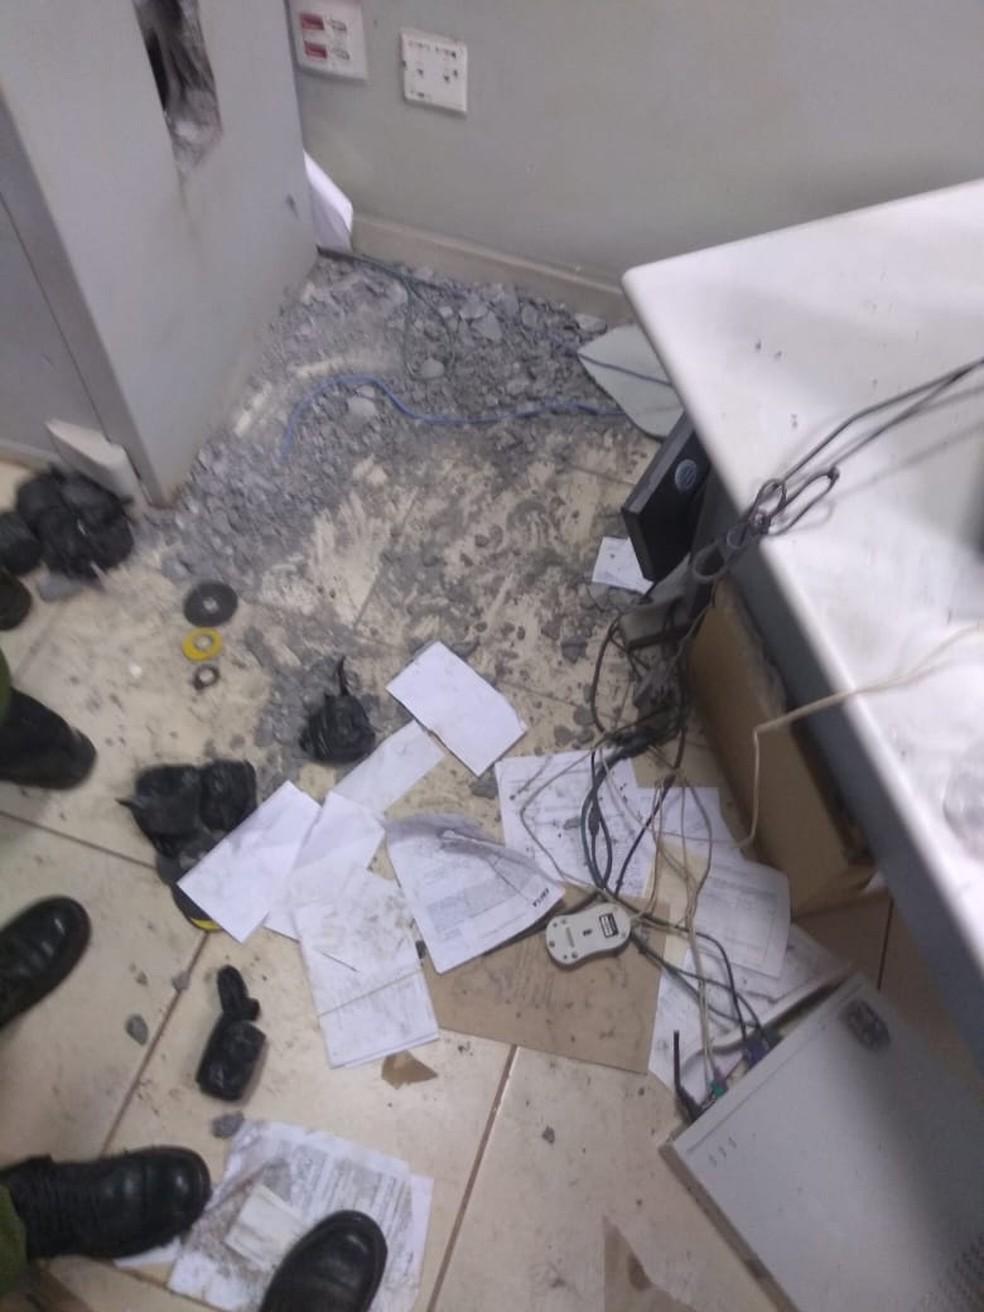 Com um maçarico, criminosos arrombaram o cofre da agência bancária.  — Foto: Divulgação/ Polícia Civil.